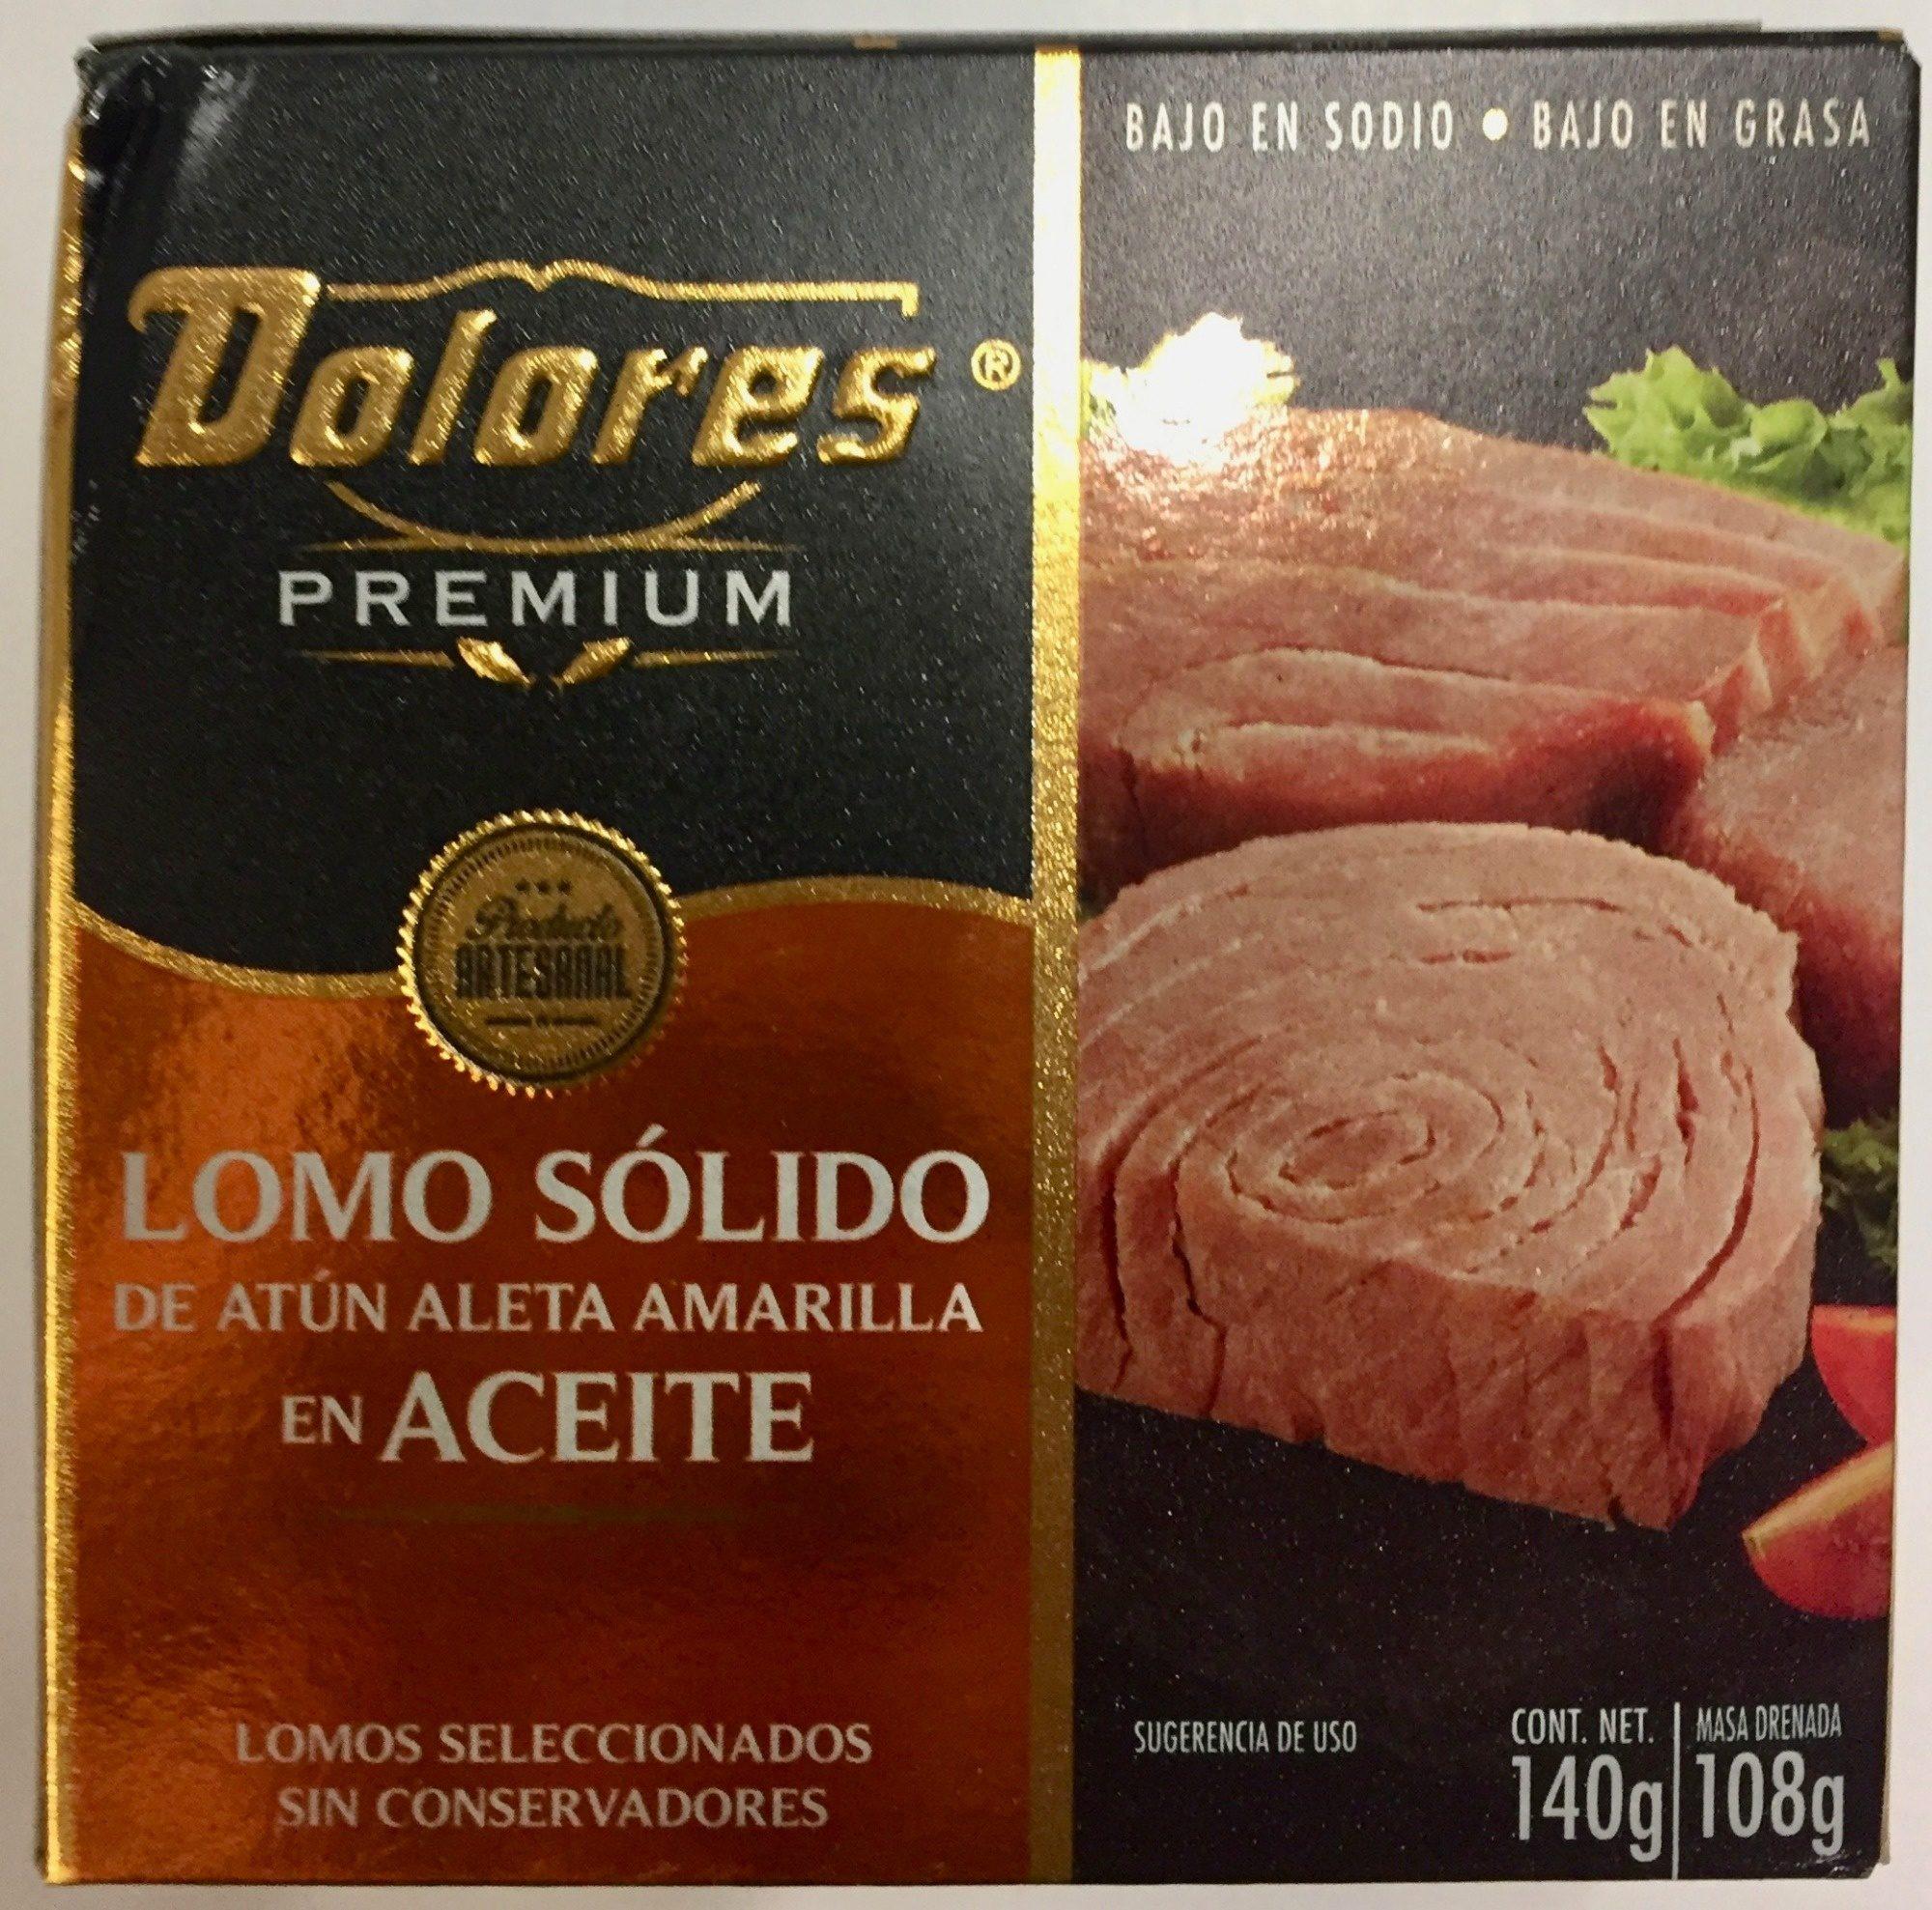 Dolores Premium Lomo sólido de atún aleta amarilla en aceite - Product